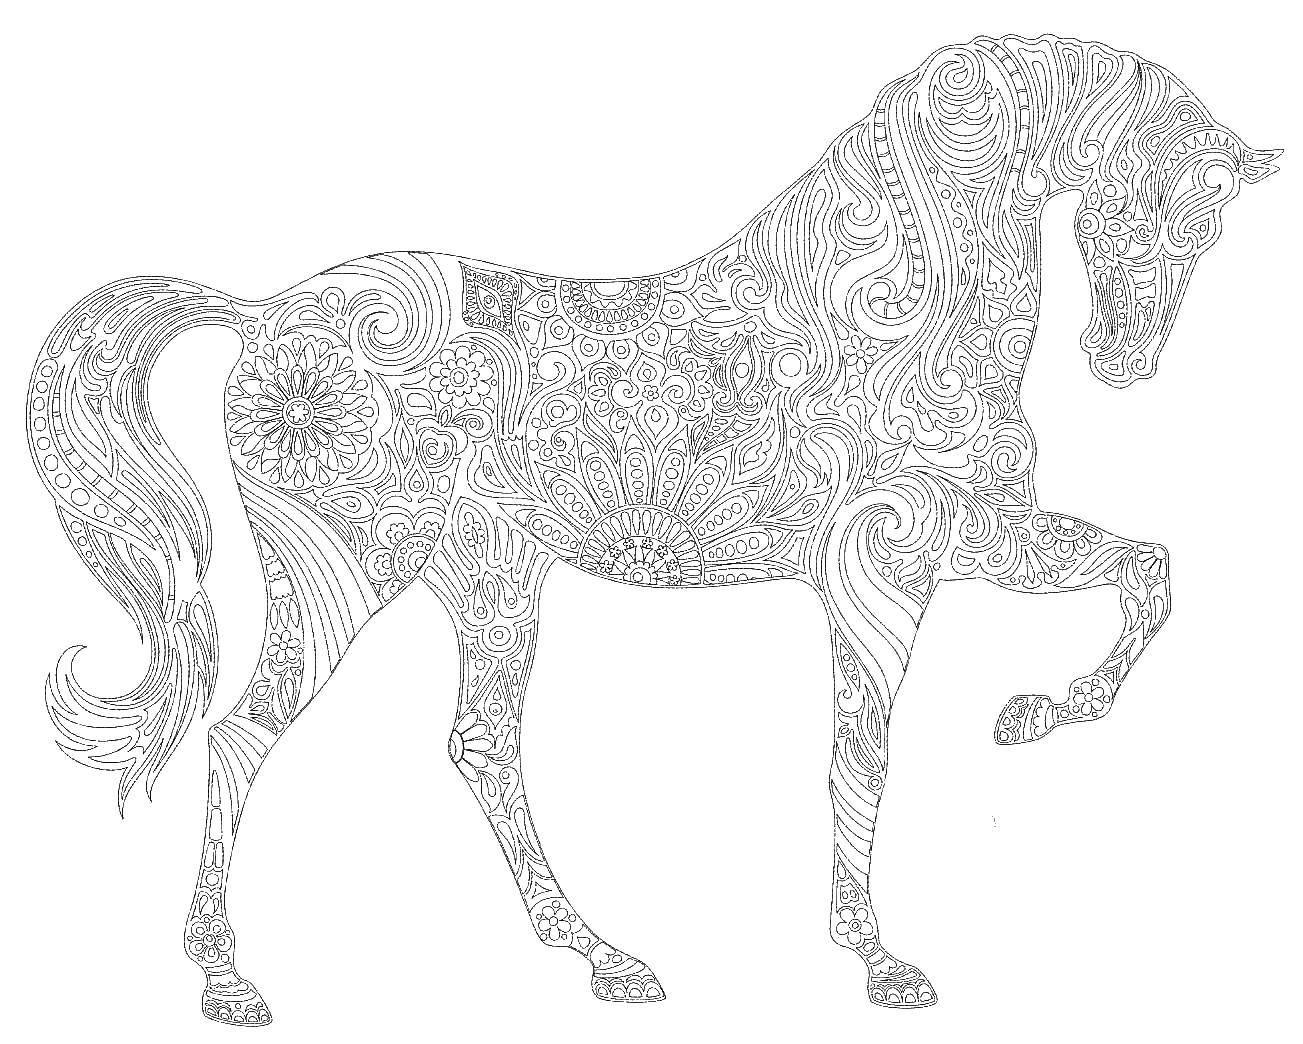 Раскраска Раскраска лошадь антистресс Скачать ,раскраски, антистресс, лошадь,.  Распечатать